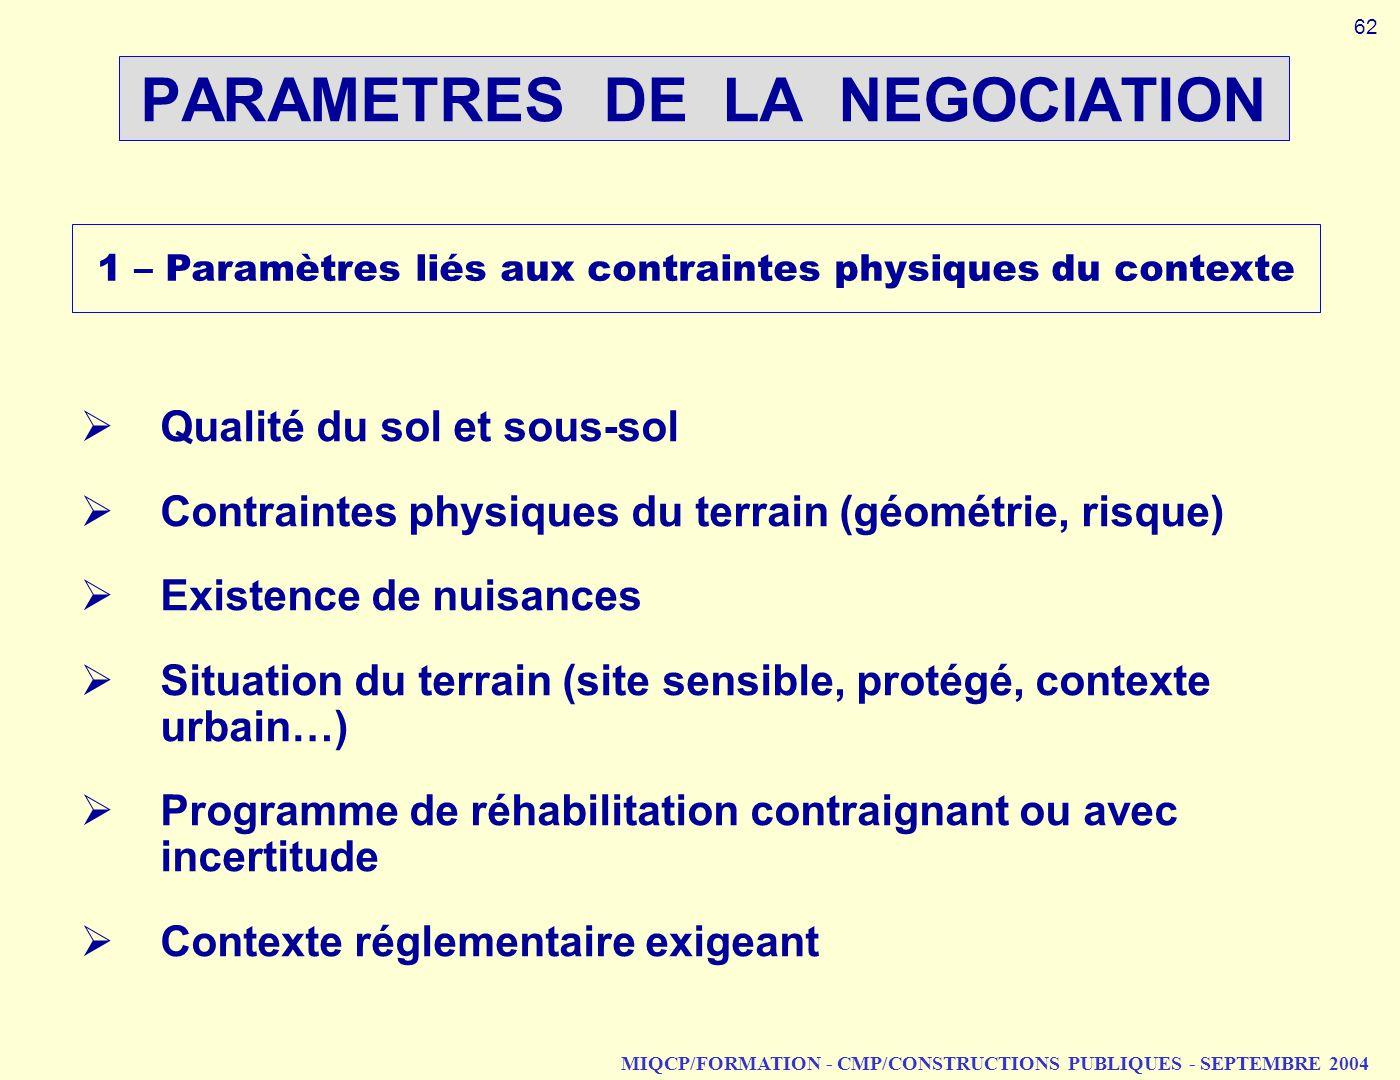 MIQCP/FORMATION - CMP/CONSTRUCTIONS PUBLIQUES - SEPTEMBRE 2004 PARAMETRES DE LA NEGOCIATION 1 – Paramètres liés aux contraintes physiques du contexte